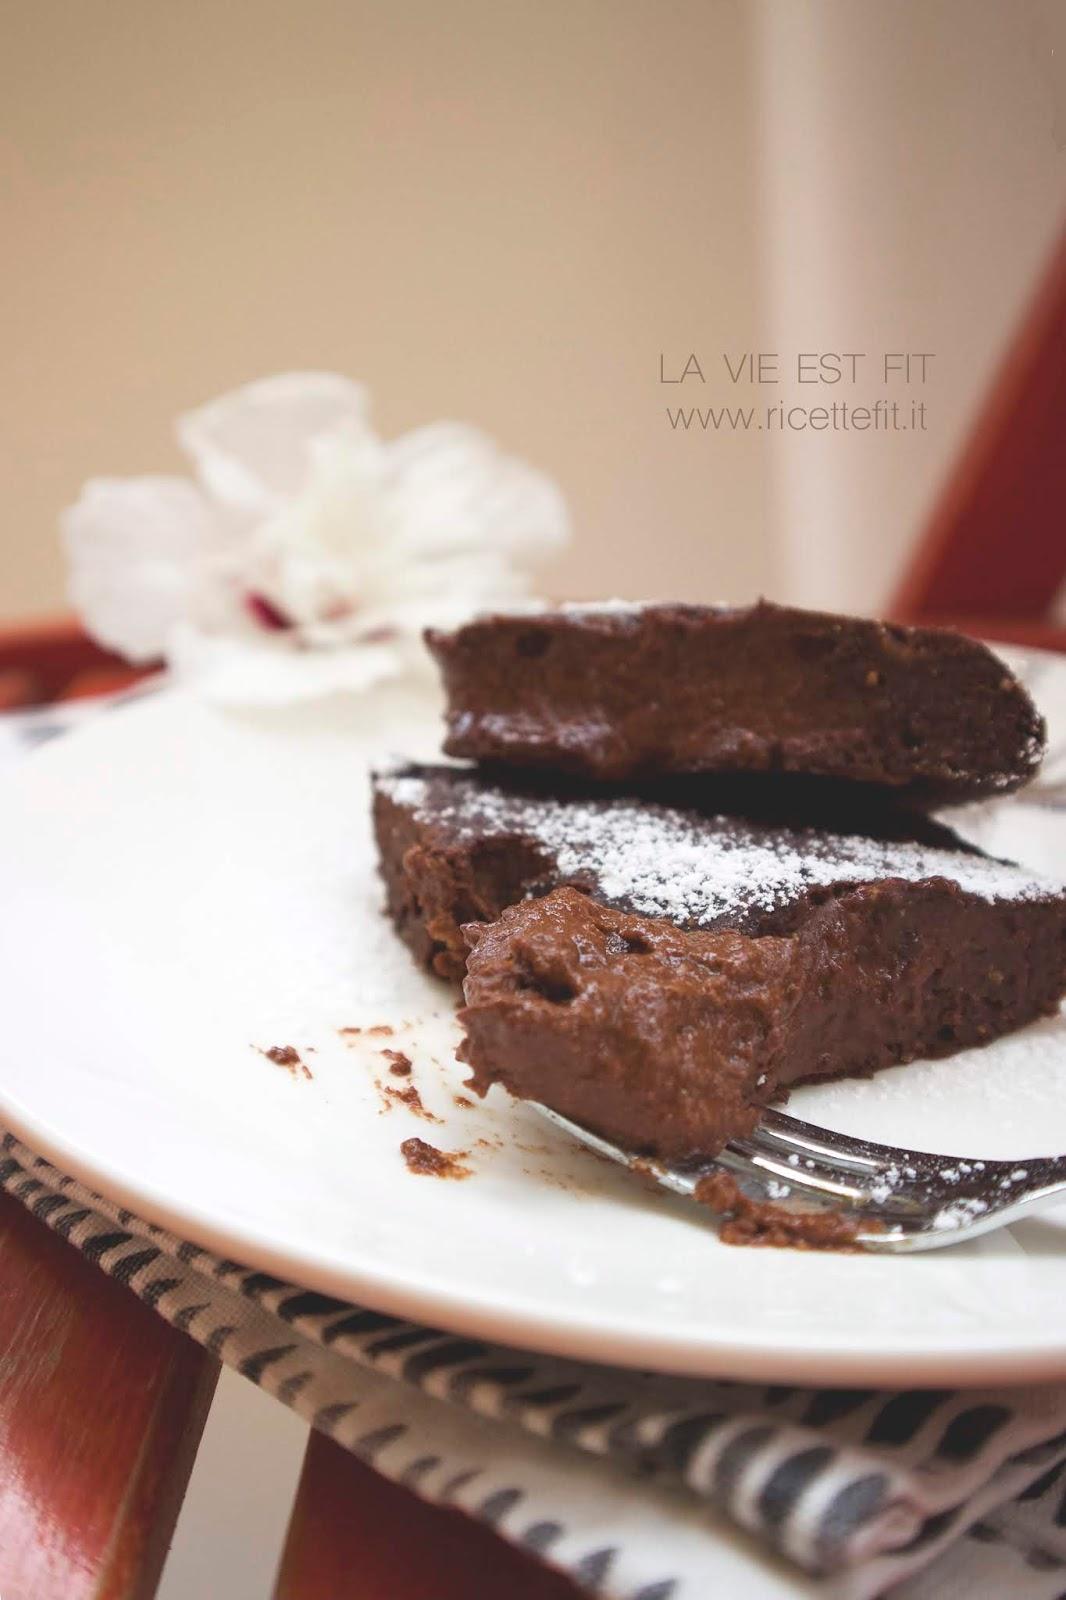 Torta tenerina light e vegan senza zuccheri e grassi al cioccolato di LA VIE EST FIT